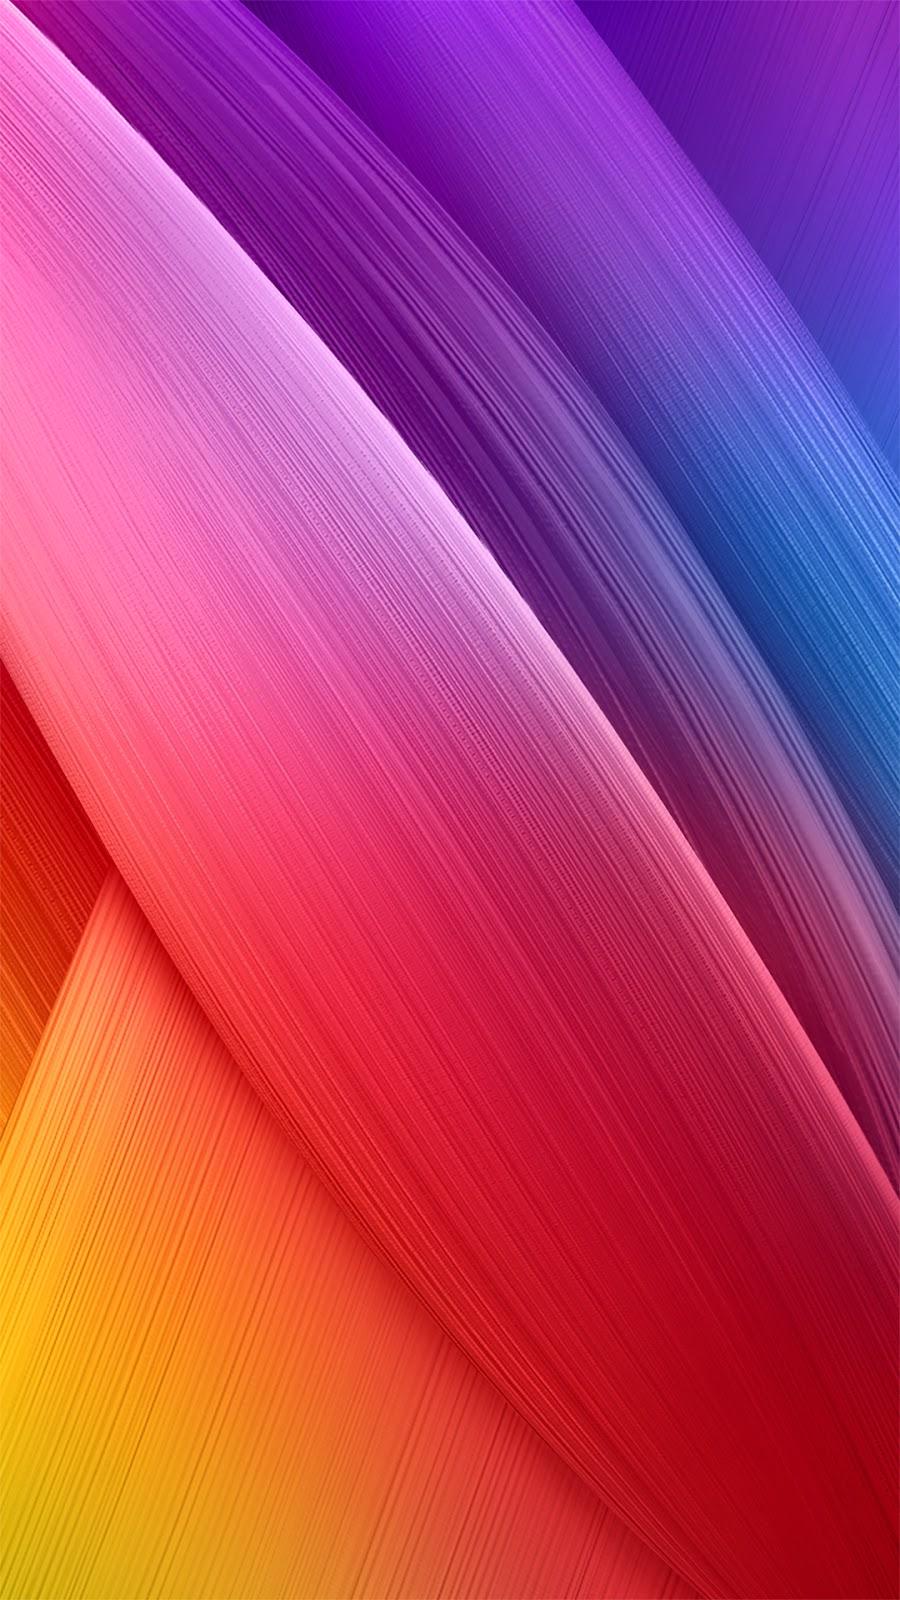 Asus Zenfone 2 Wallpaper ~ Asus Zenfone Blog News, Tips, Tutorial